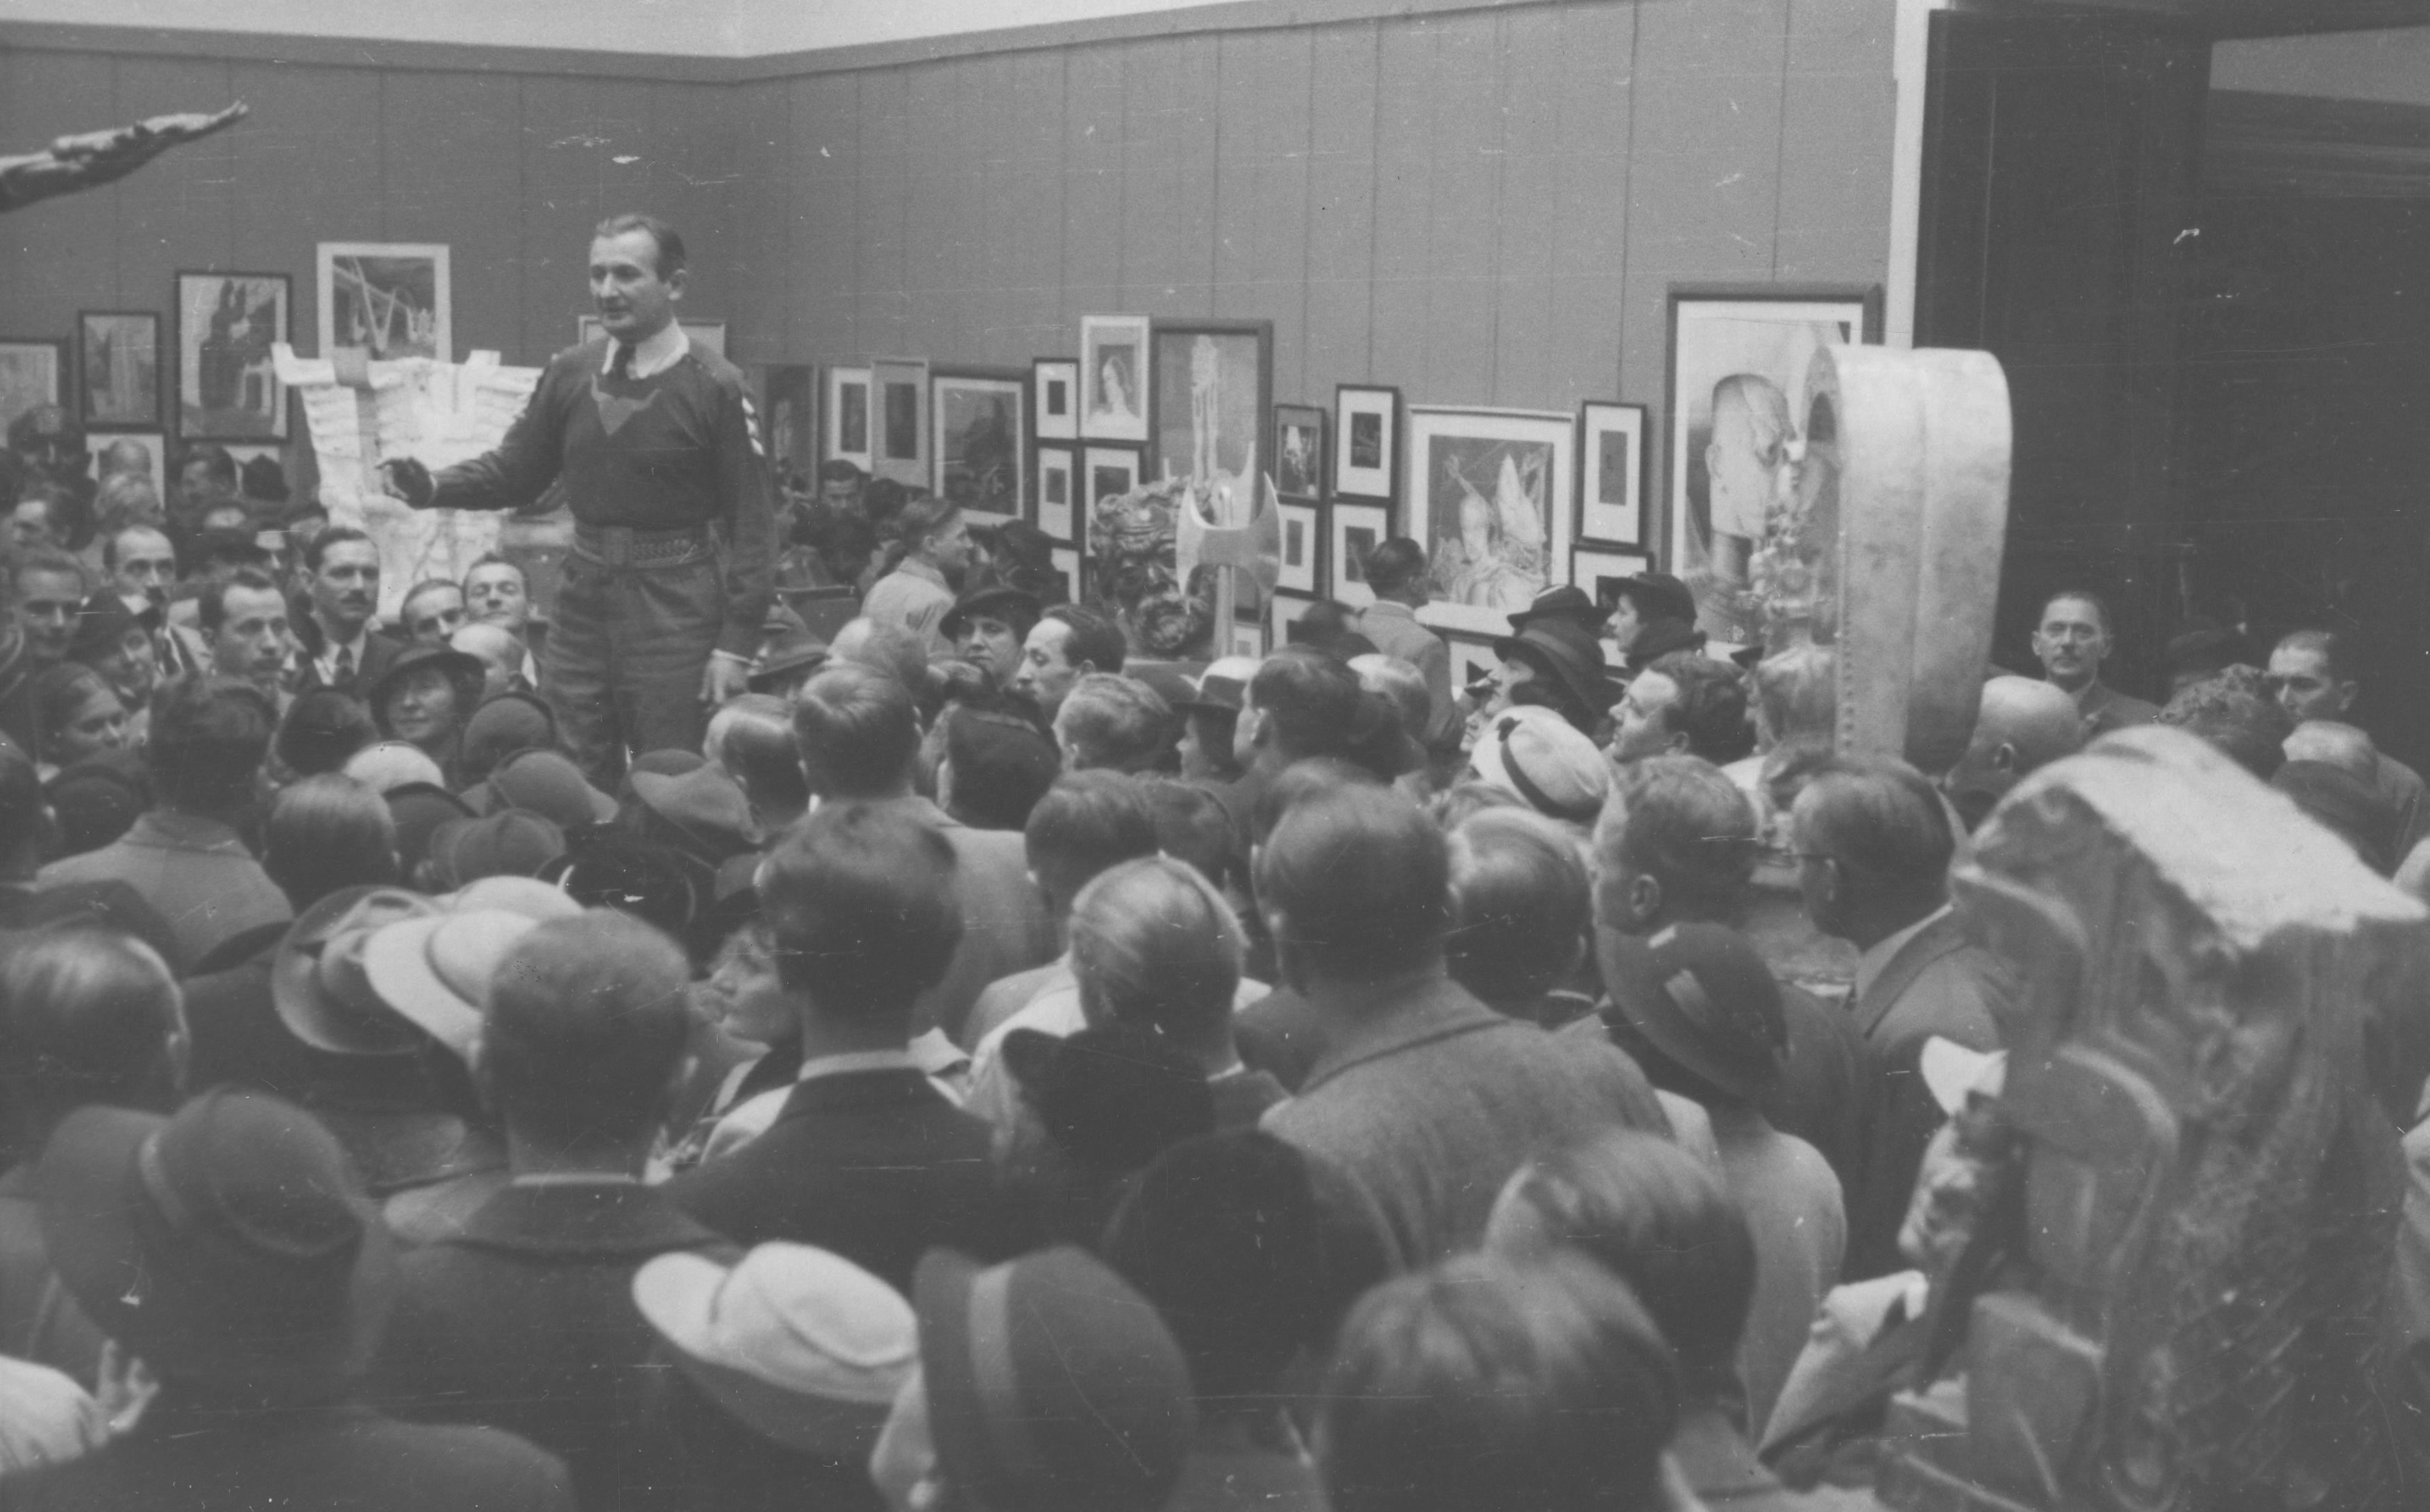 Stanisław Szukalski przemawia na wystawie w krakowskim TPSP, 1936 rok, źródło: nac.gov.pl